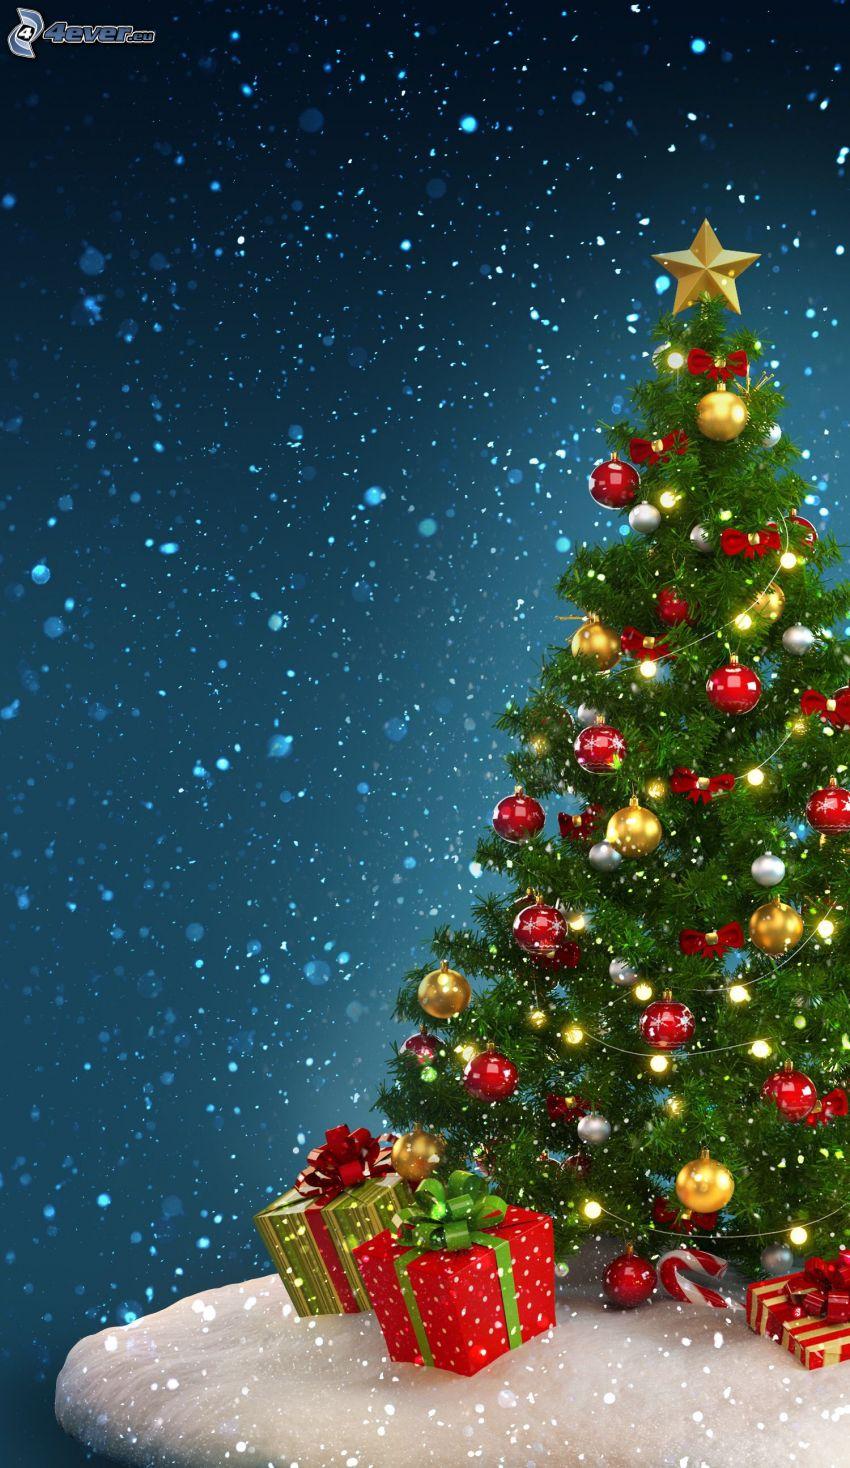 karácsonyfa, karácsonyi gömbdíszek, ajándékok, hóesés, rajzolt